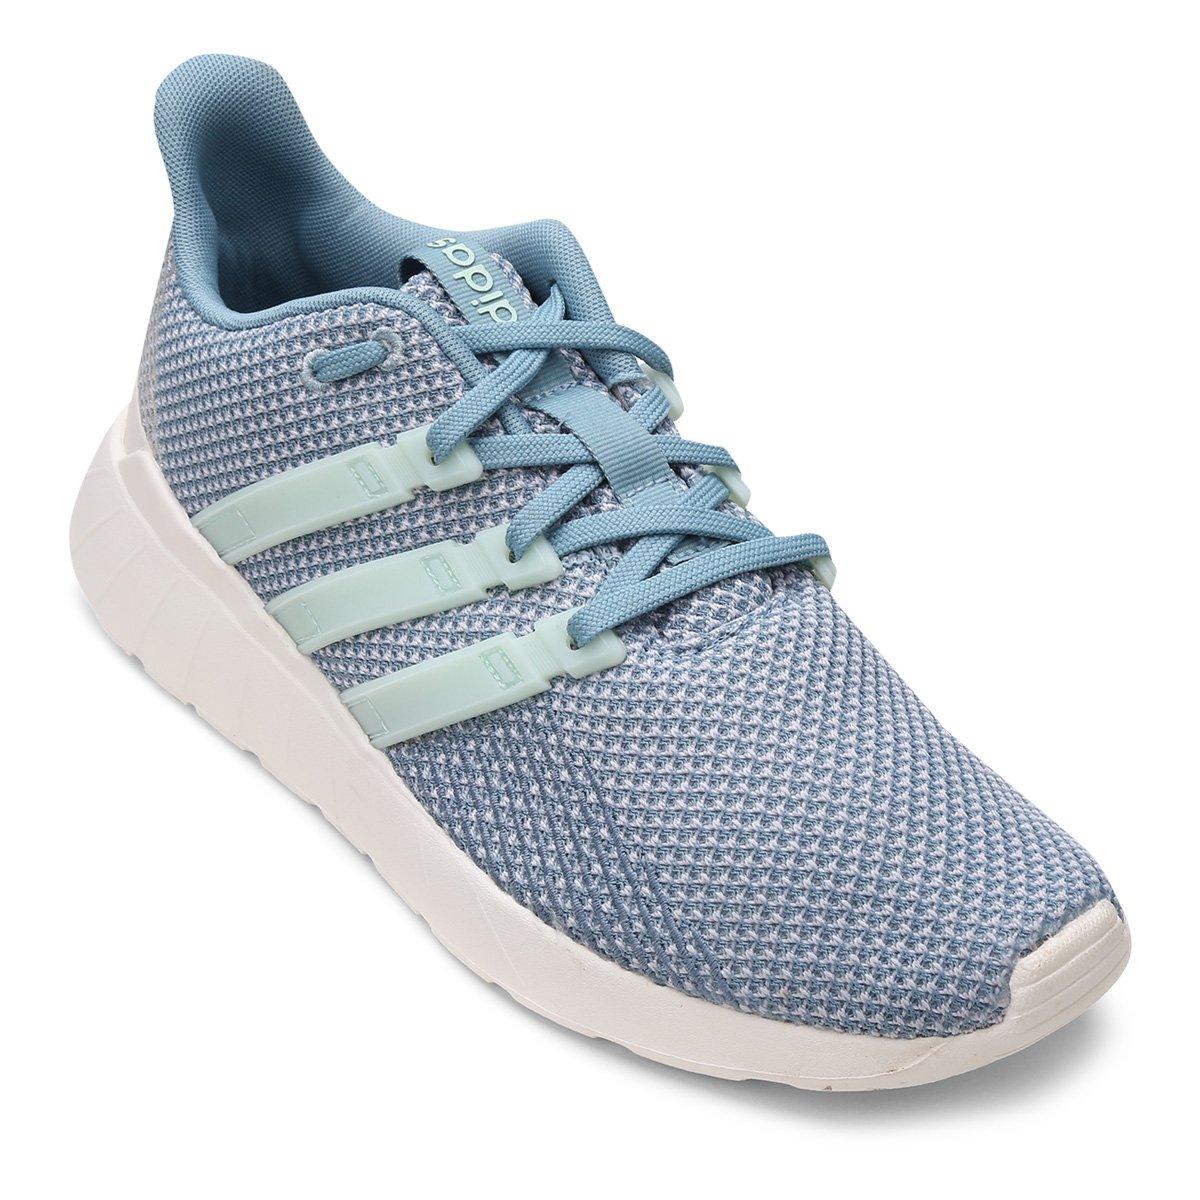 e56a4dc2295 Tênis Adidas Questar Flow Feminino - Tam  36